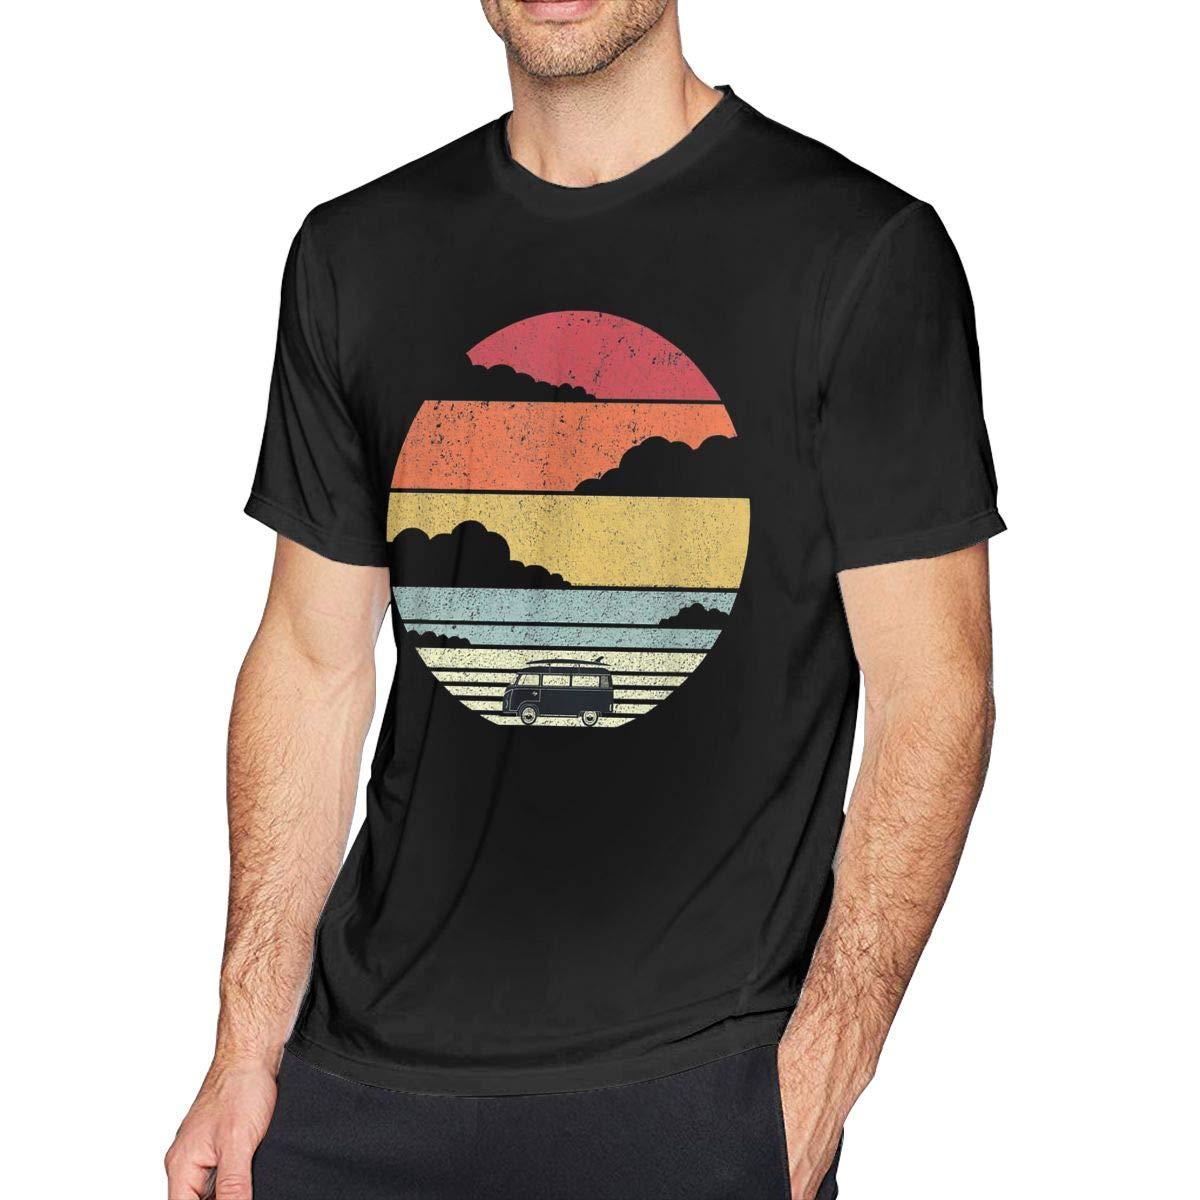 Reagan S Camping Cool Tshirts